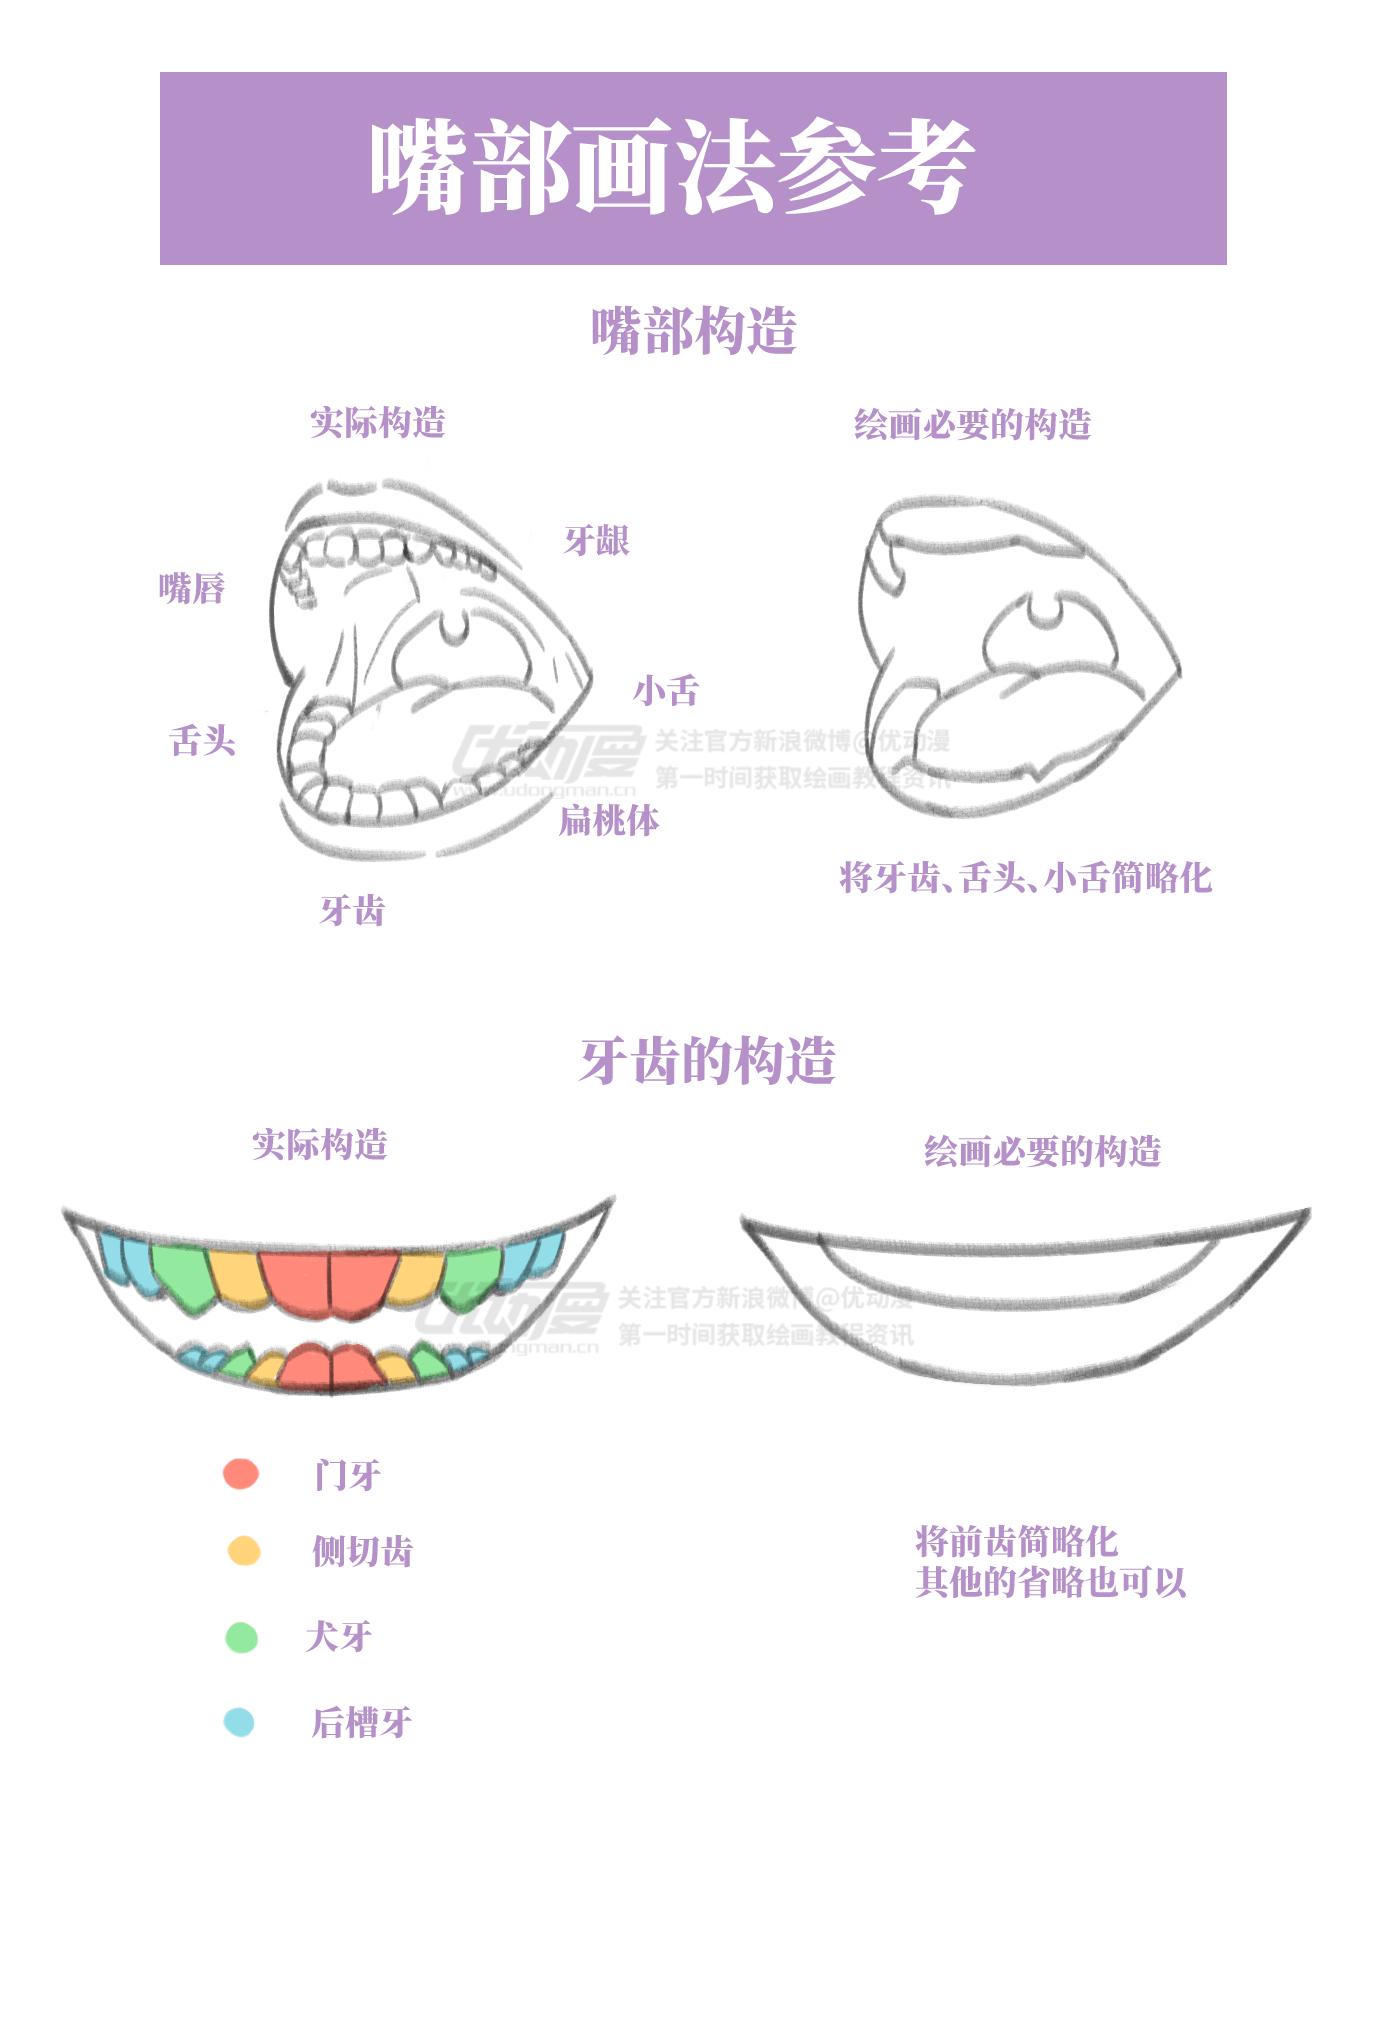 嘴部画法参考1.png